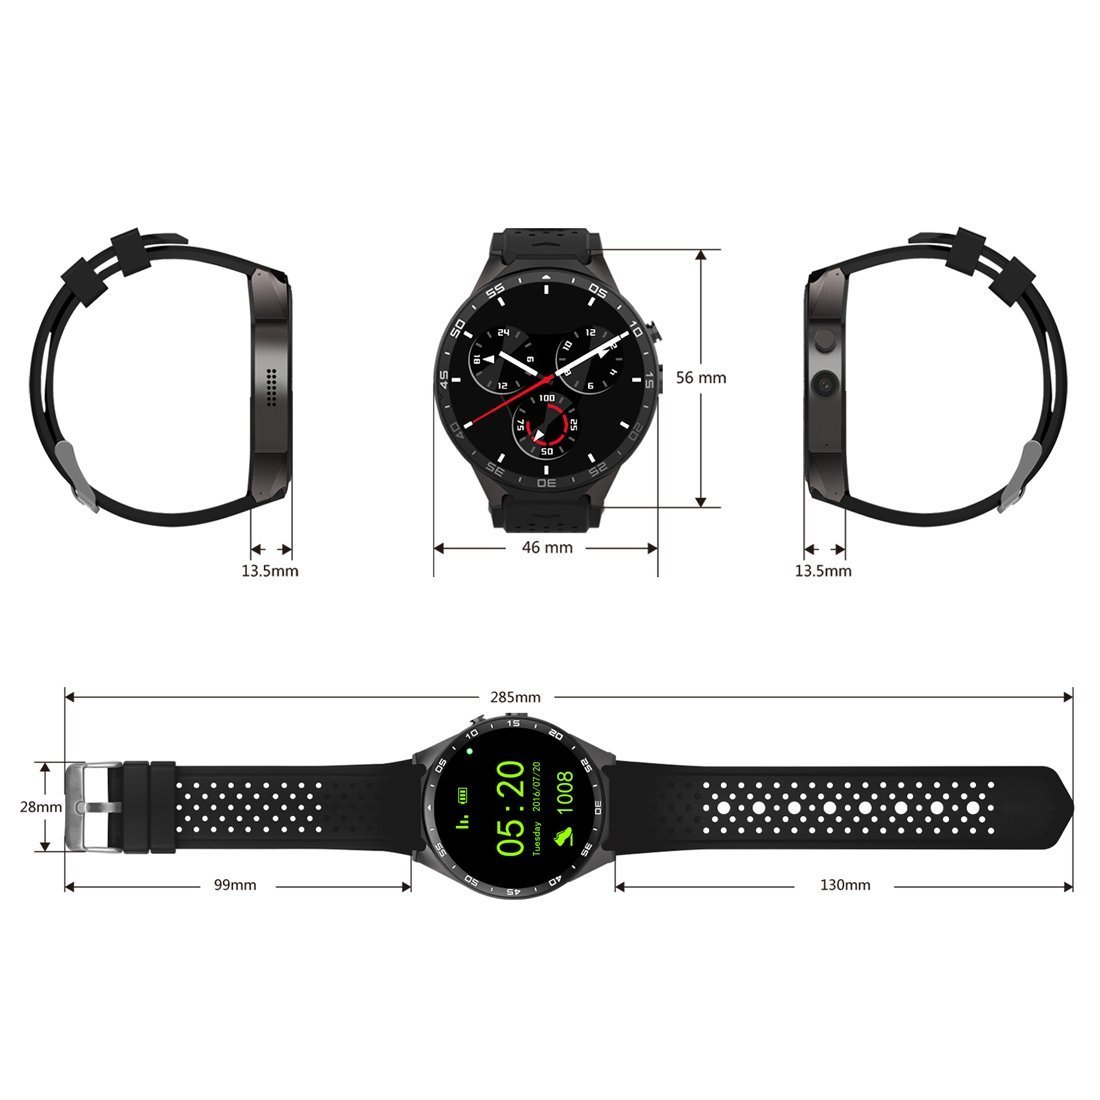 kw88 3 G WIFI Smartwatch teléfono celular todo en uno Bluetooth reloj inteligente Android 5.1 tarjeta SIM con GPS, cámara, monitor de frecuencia cardiaca, ...